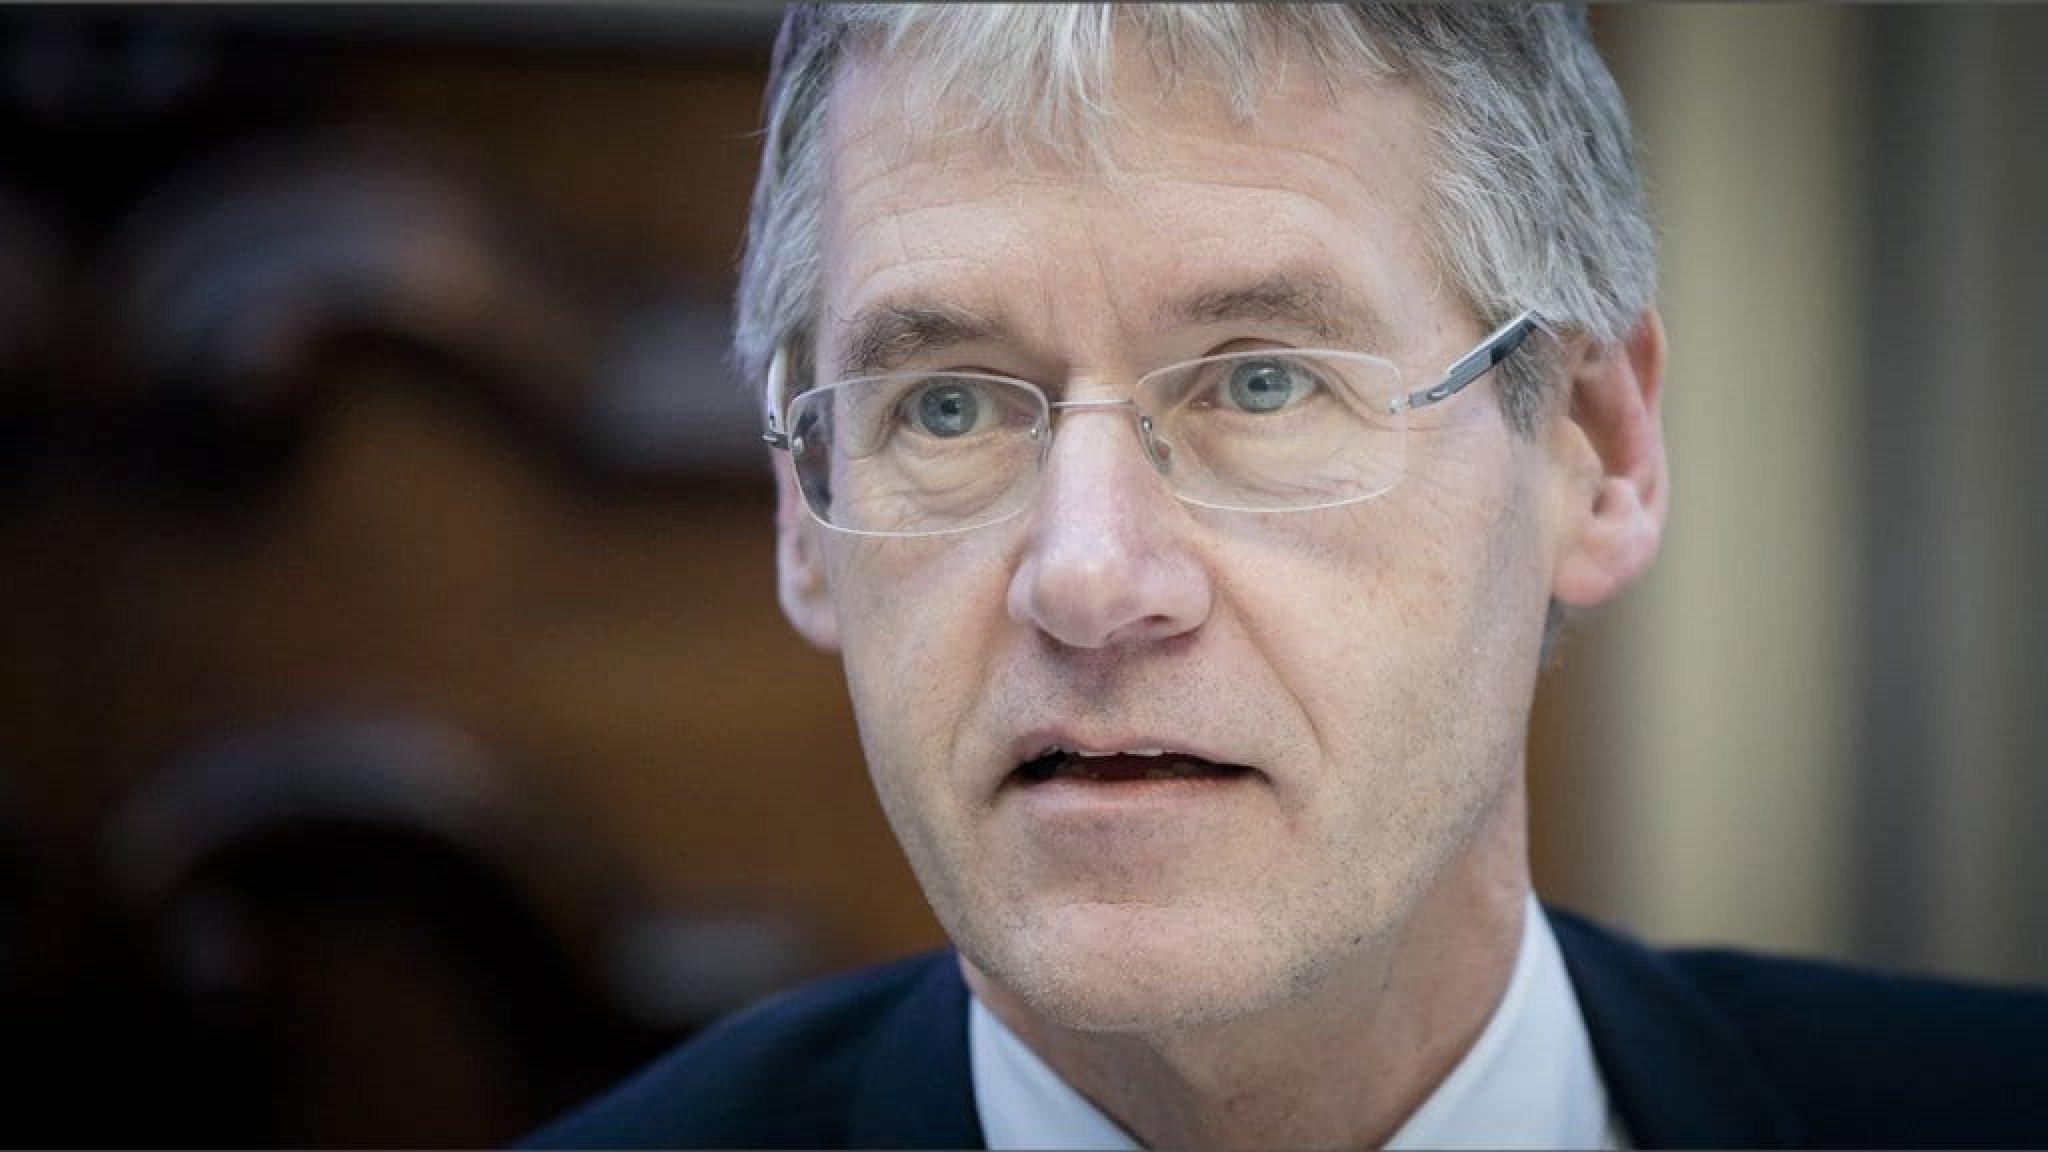 Minister Slob niet vervolgd om uitspraken over antihomoverklaring - RTL Nieuws